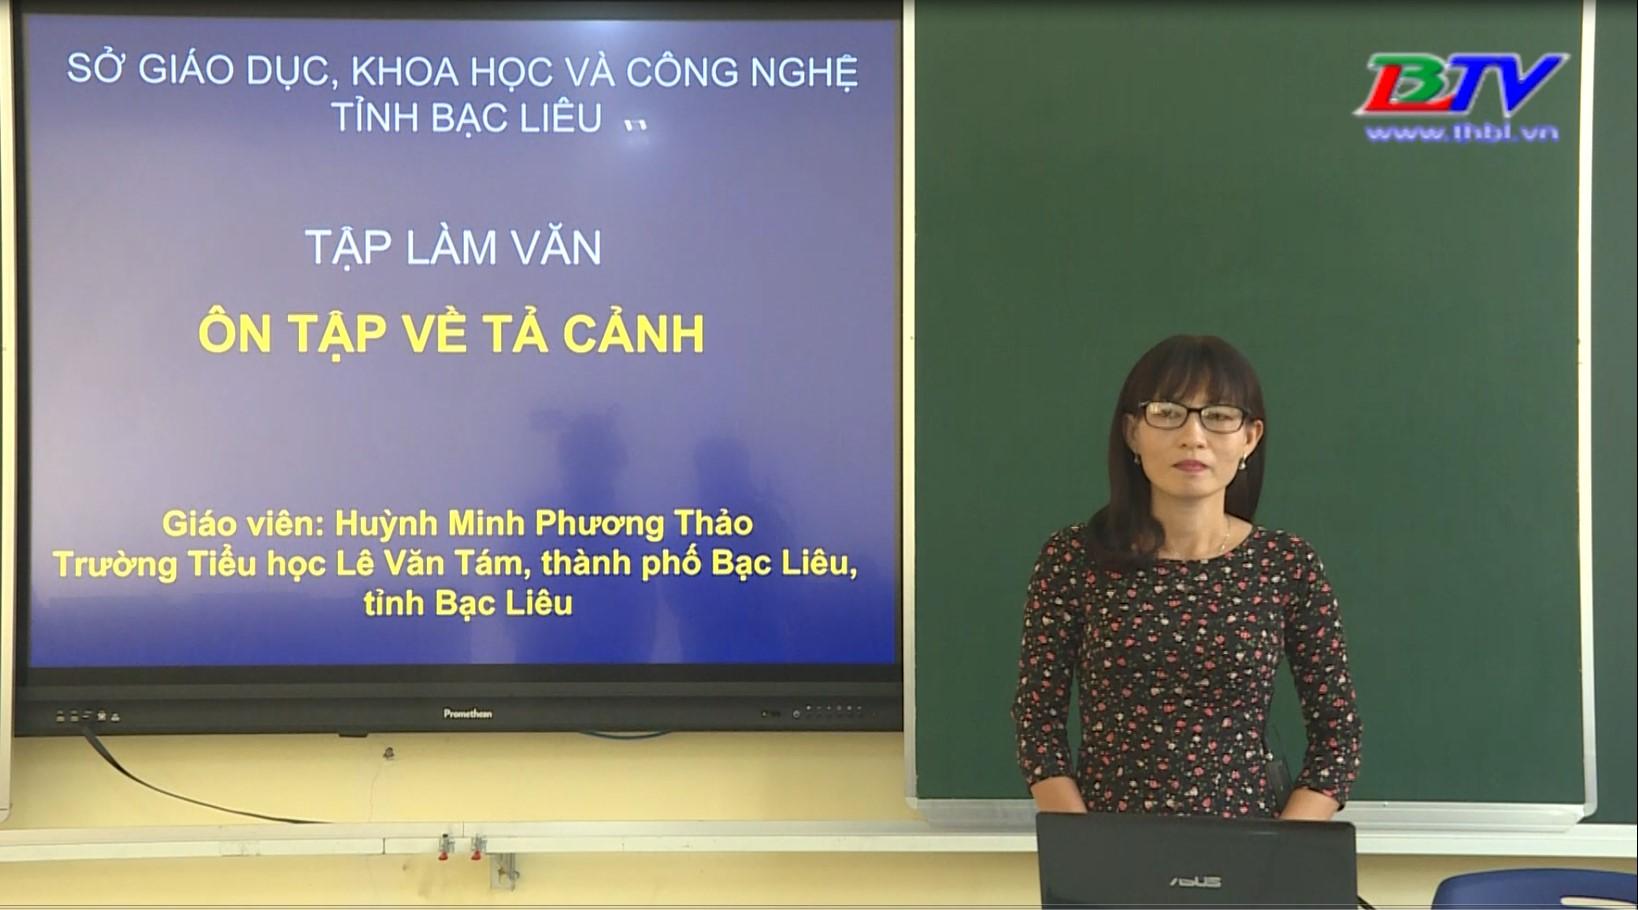 Tiếng Việt 5 – Tập làm văn: Ôn tập về tả cảnh – 28/5/2020